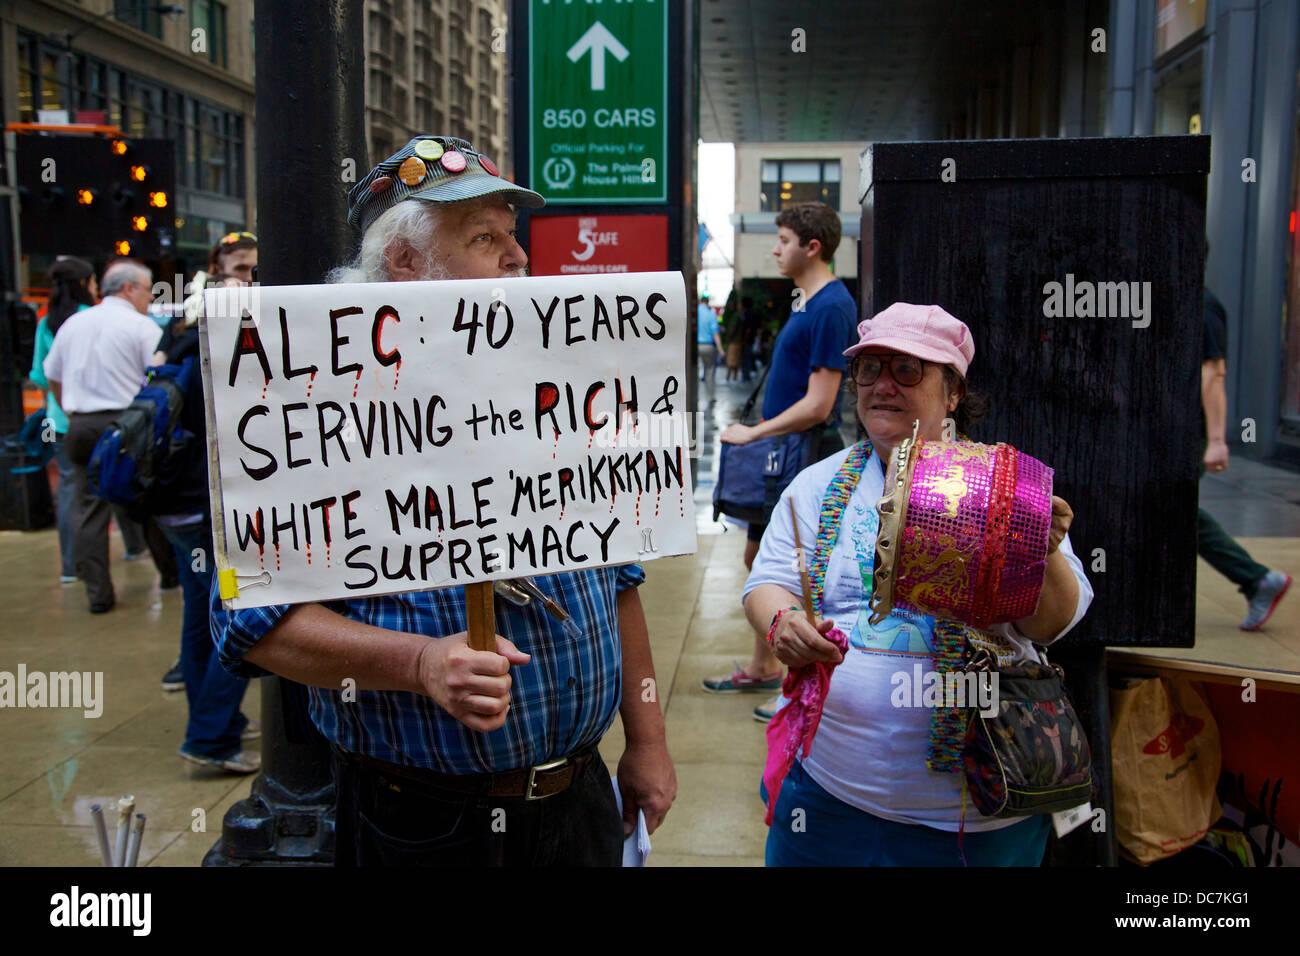 protesters-protesting-american-legislati